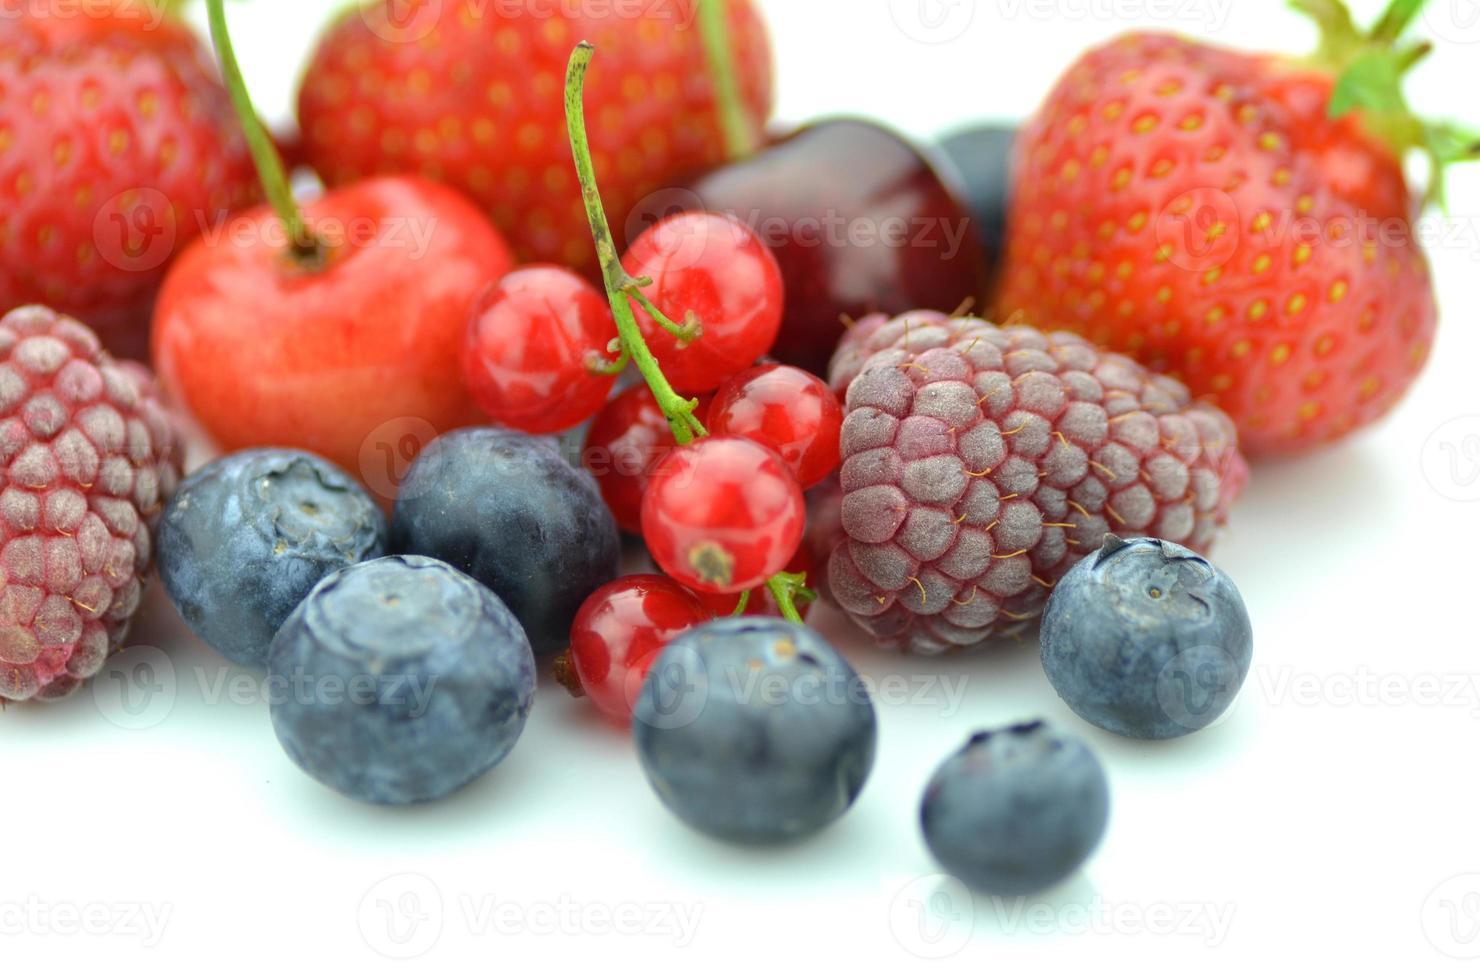 mjuk frukt jordgubbar hallon körsbär blåbär vinbär isolerad på vitt foto